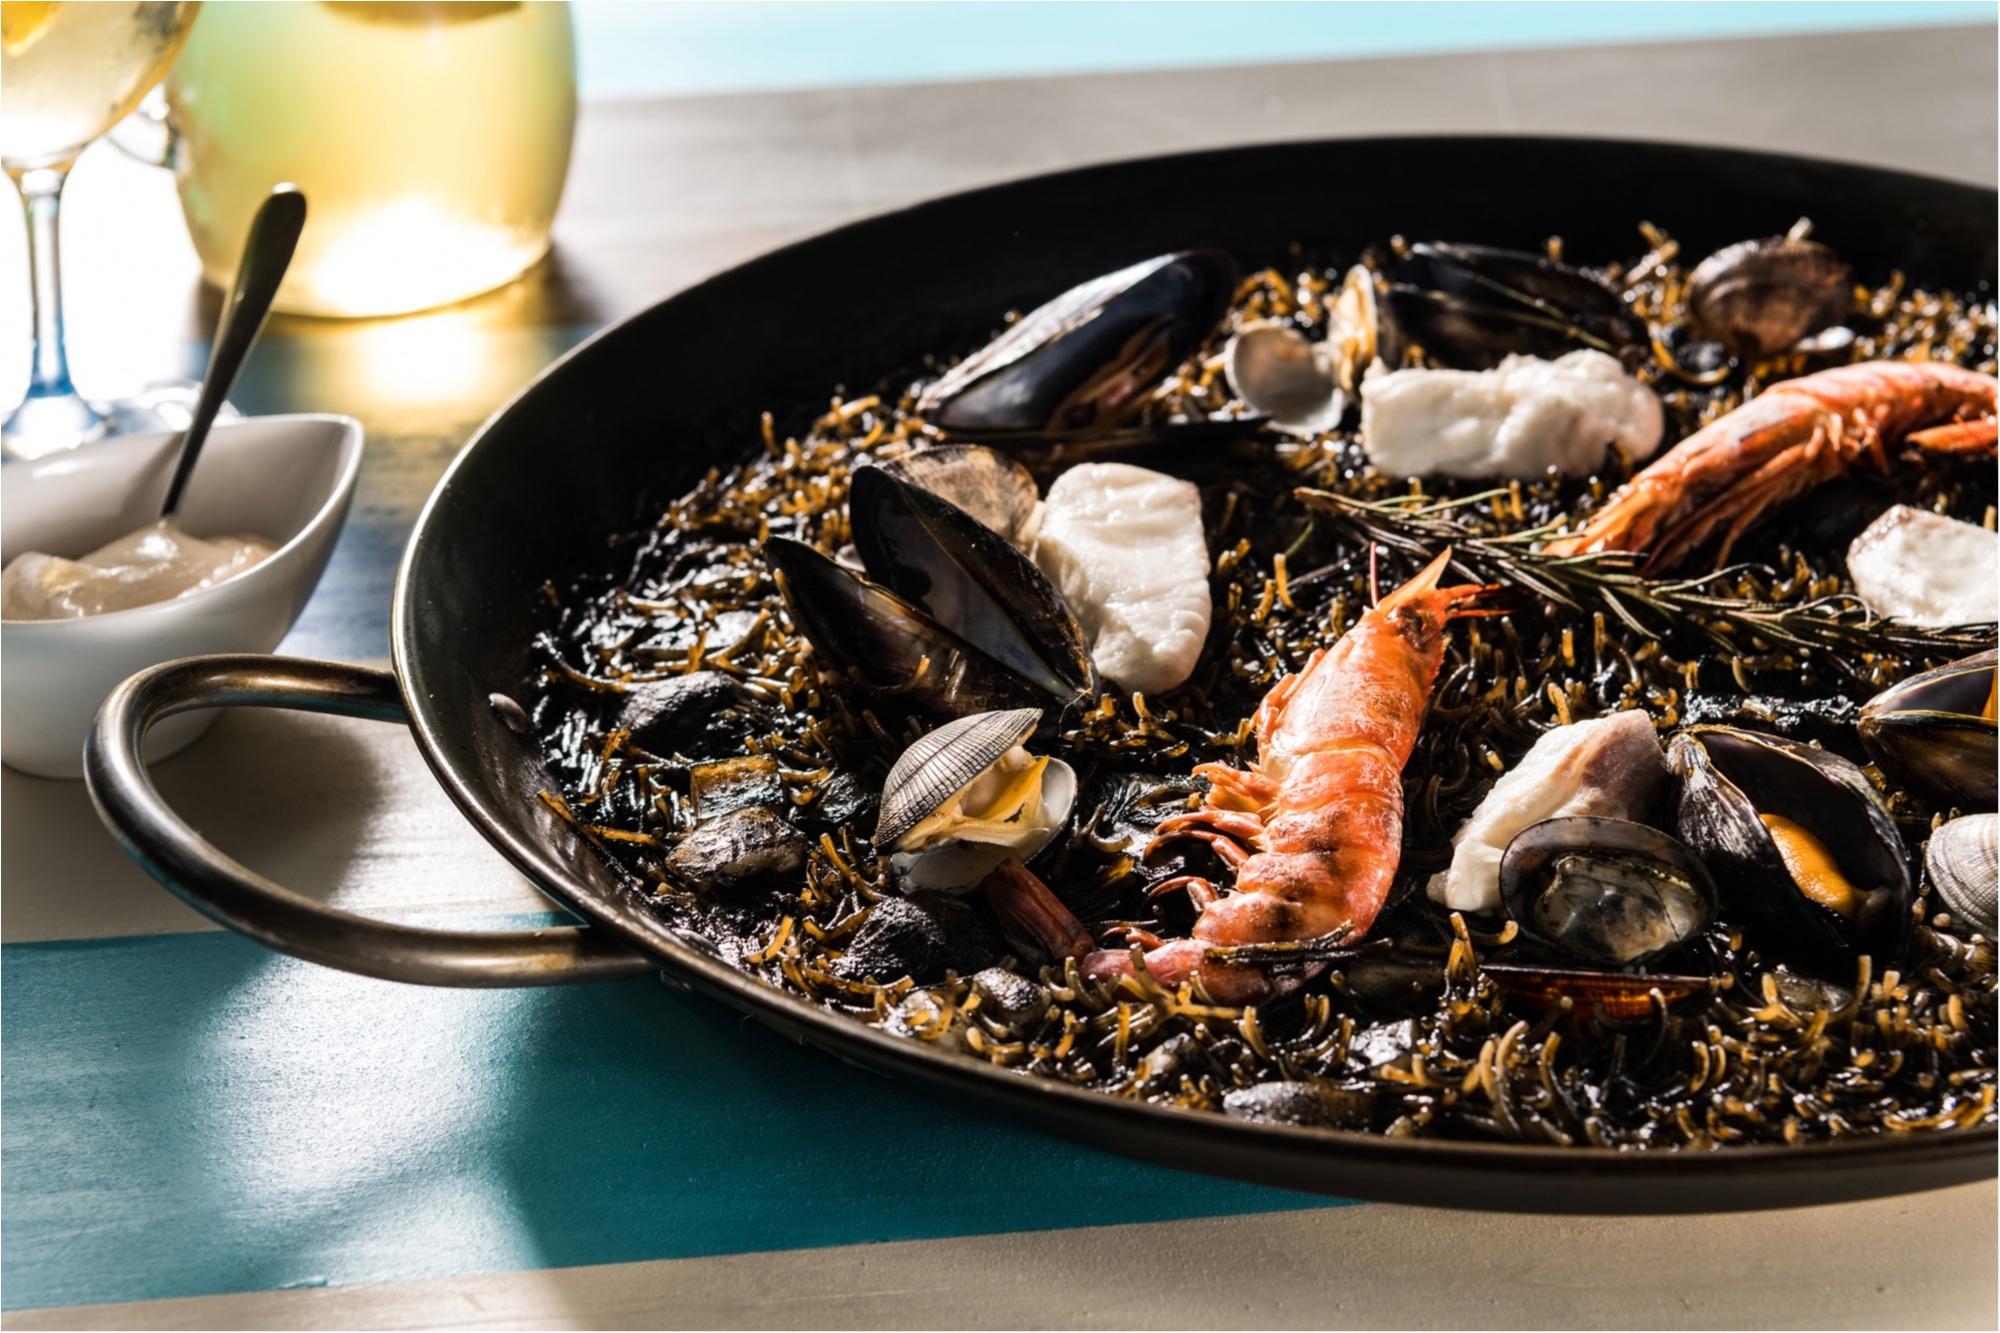 バルセロナで一番おいしいパエリアも、レモネード専門店も! 明日OPEN「渋谷ストリーム」の、MUST EAT5選♡_3_3